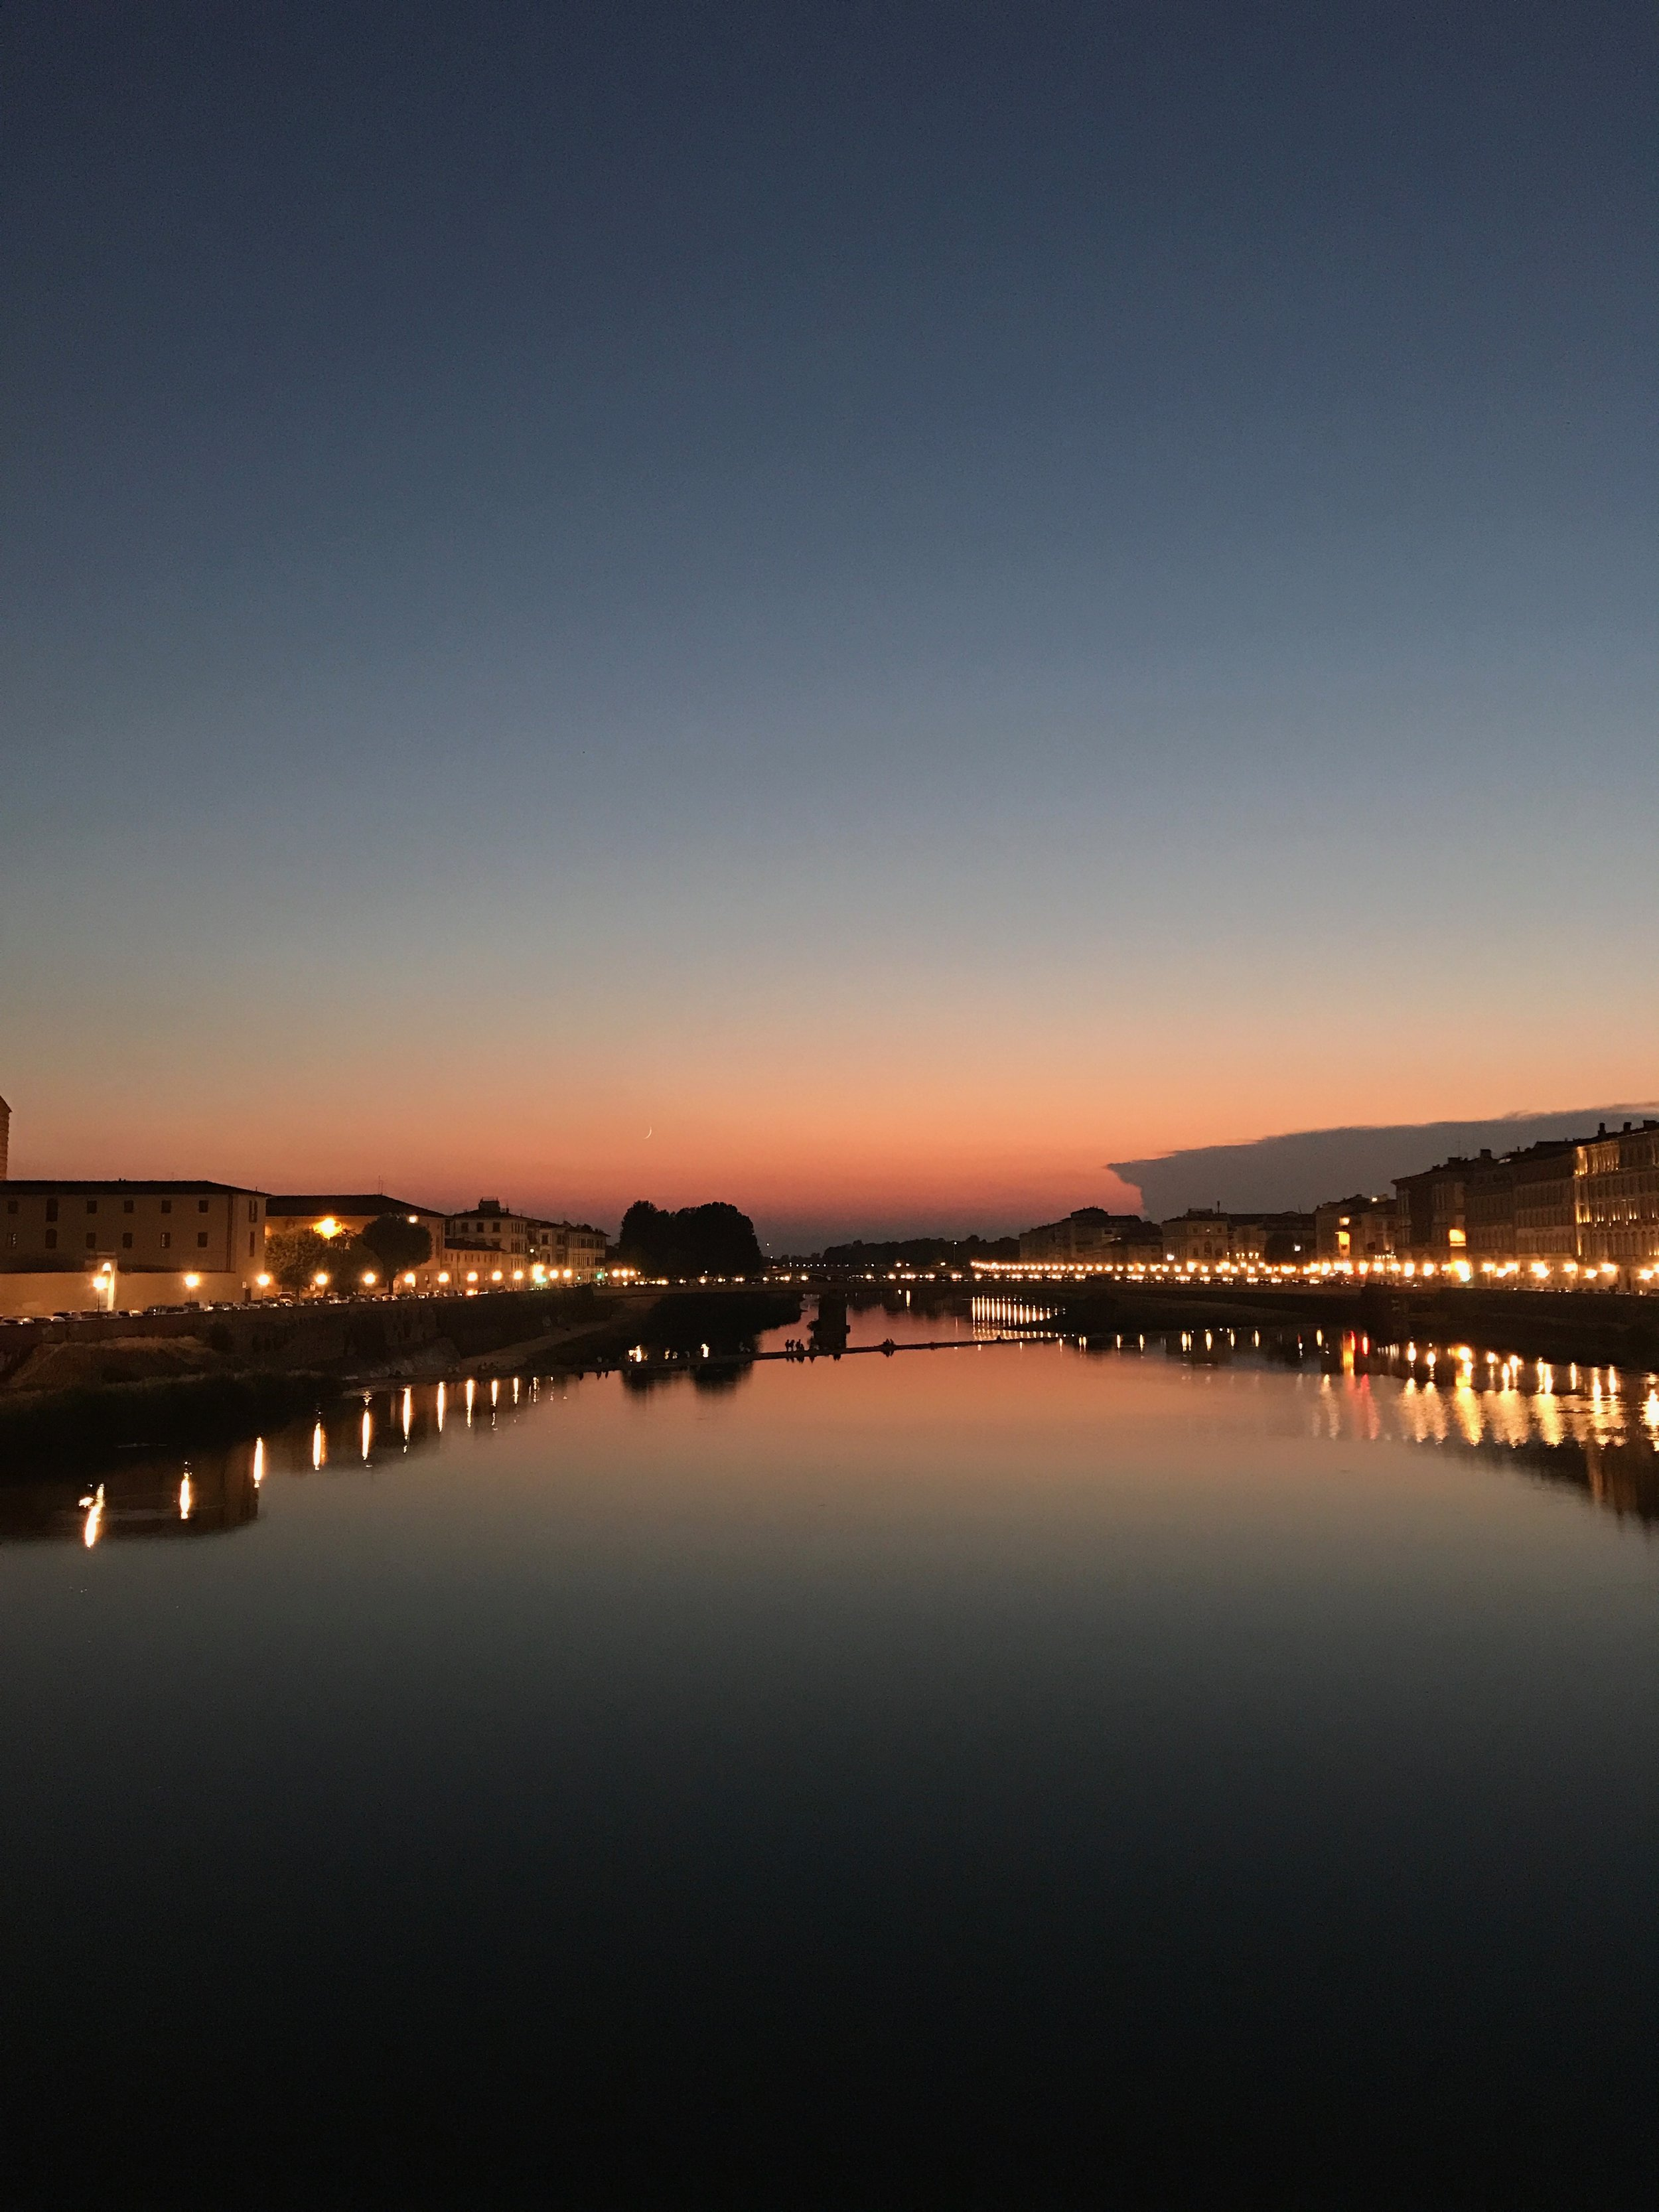 Adeus, Firenze!